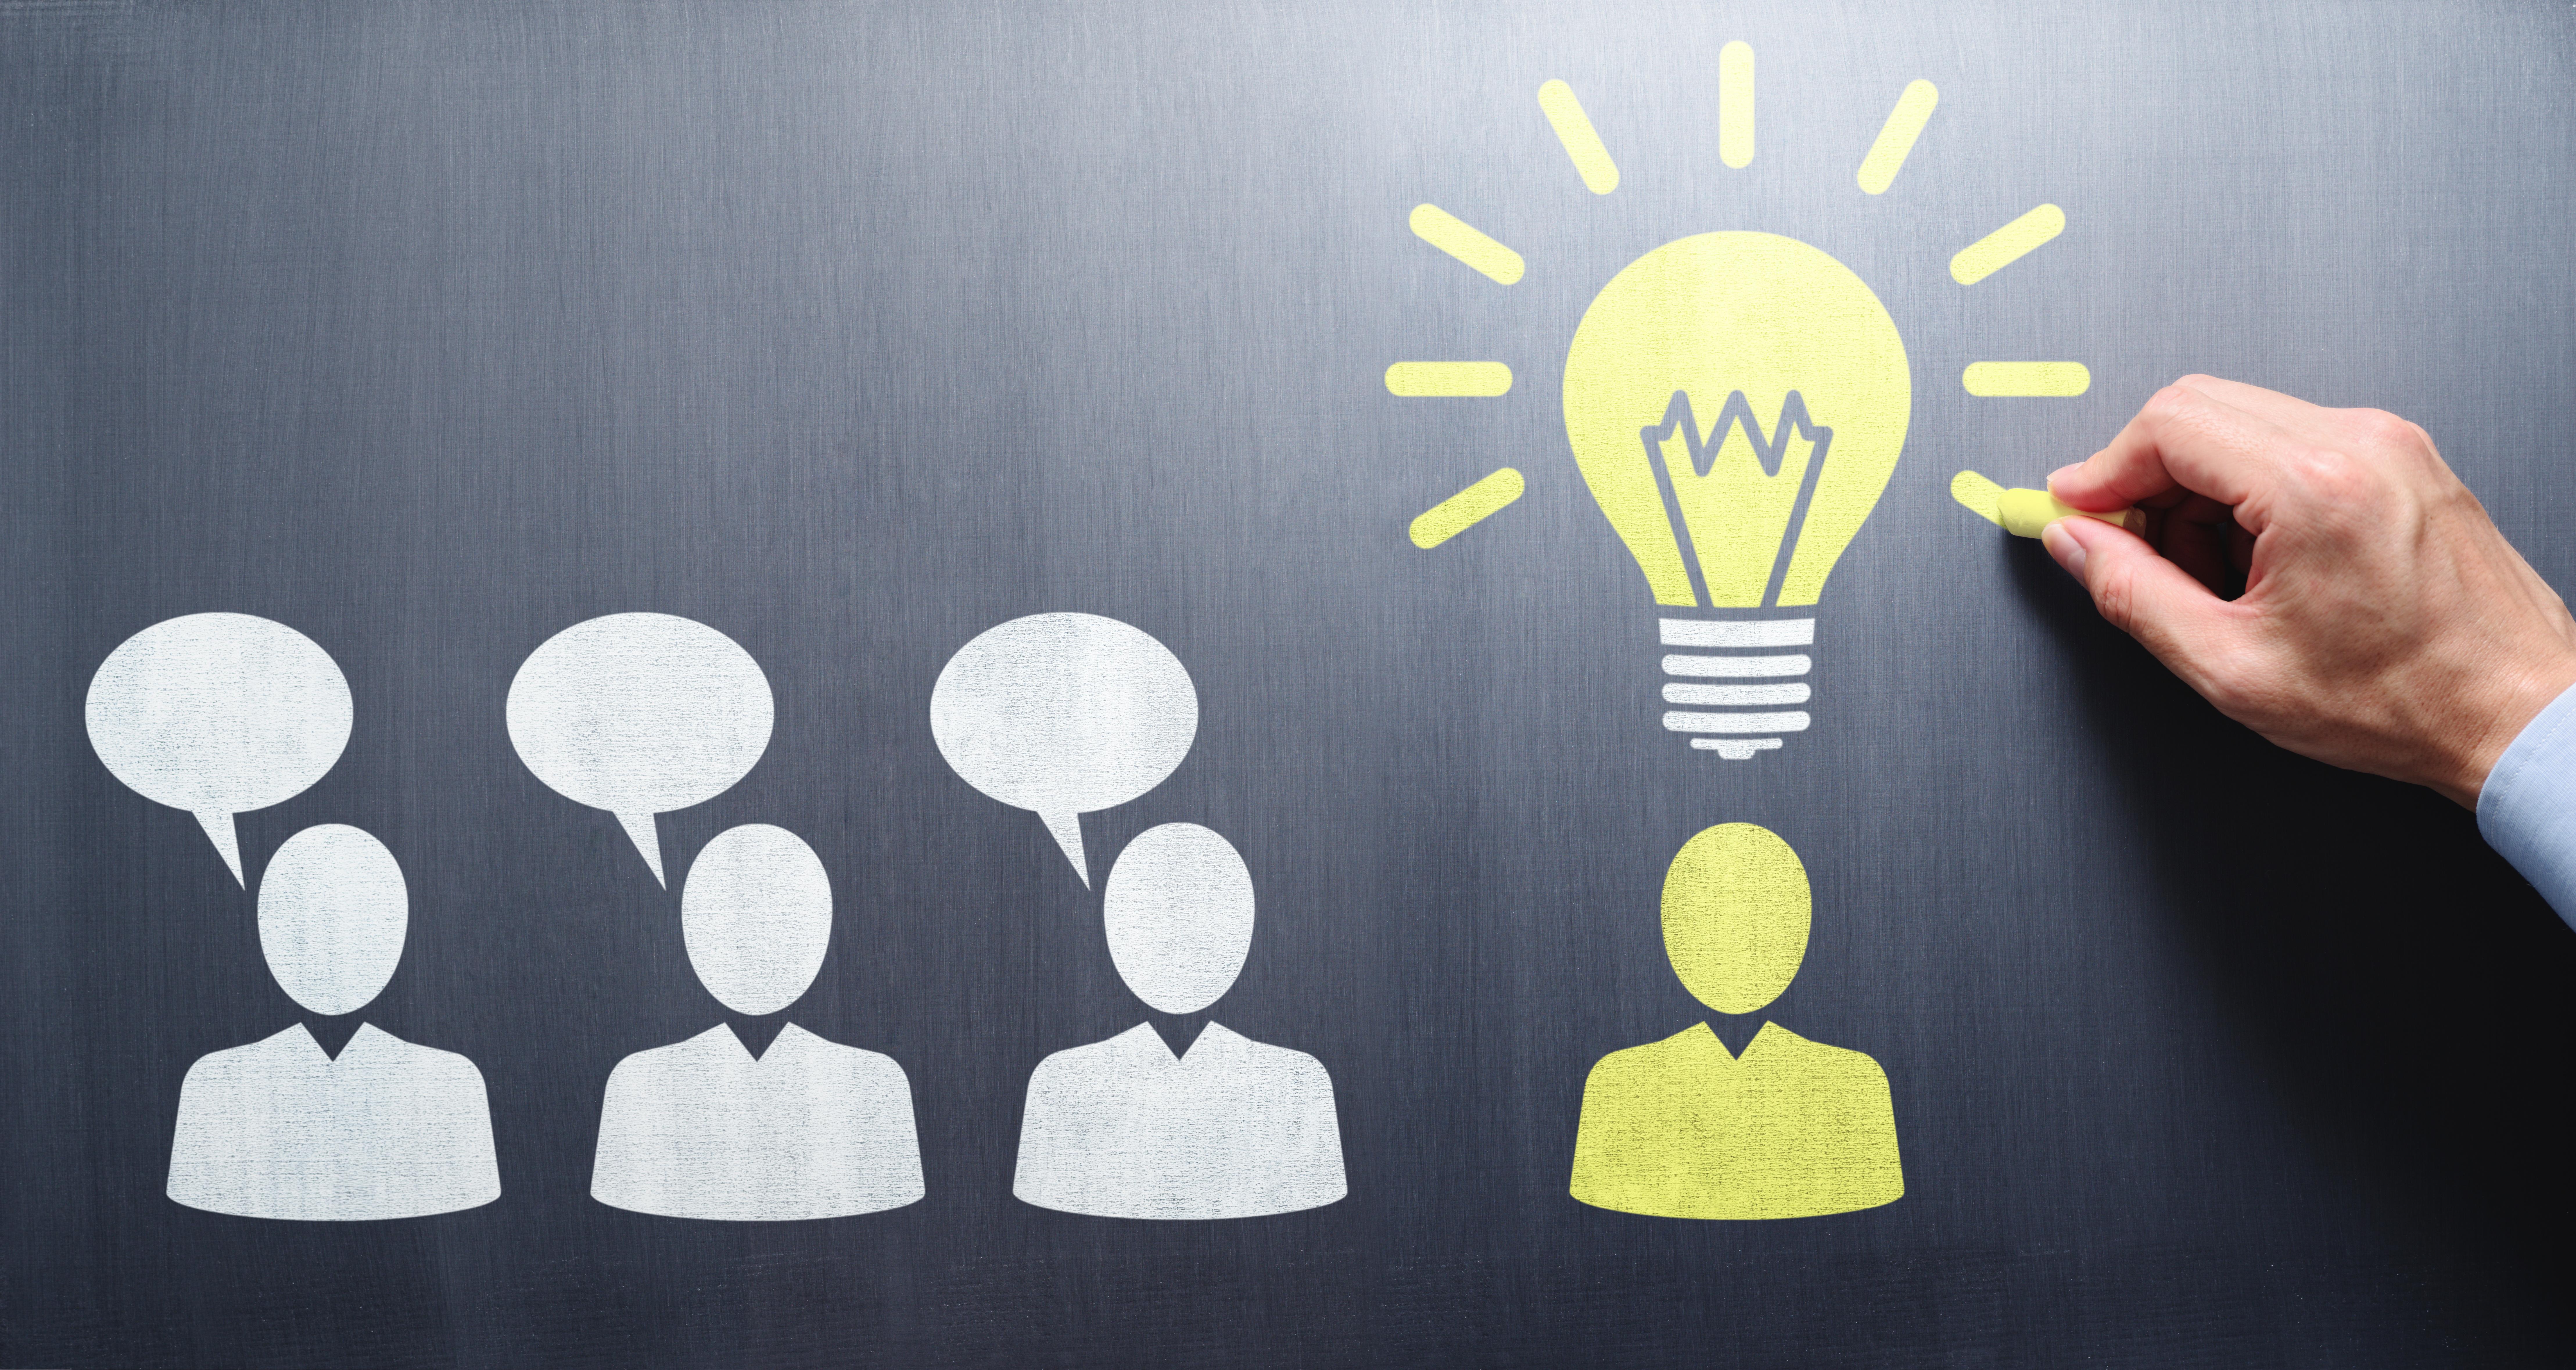 物販の知識・情報・アイディアはどんどん発信&共有。新たな学び・発見がそこにあります!